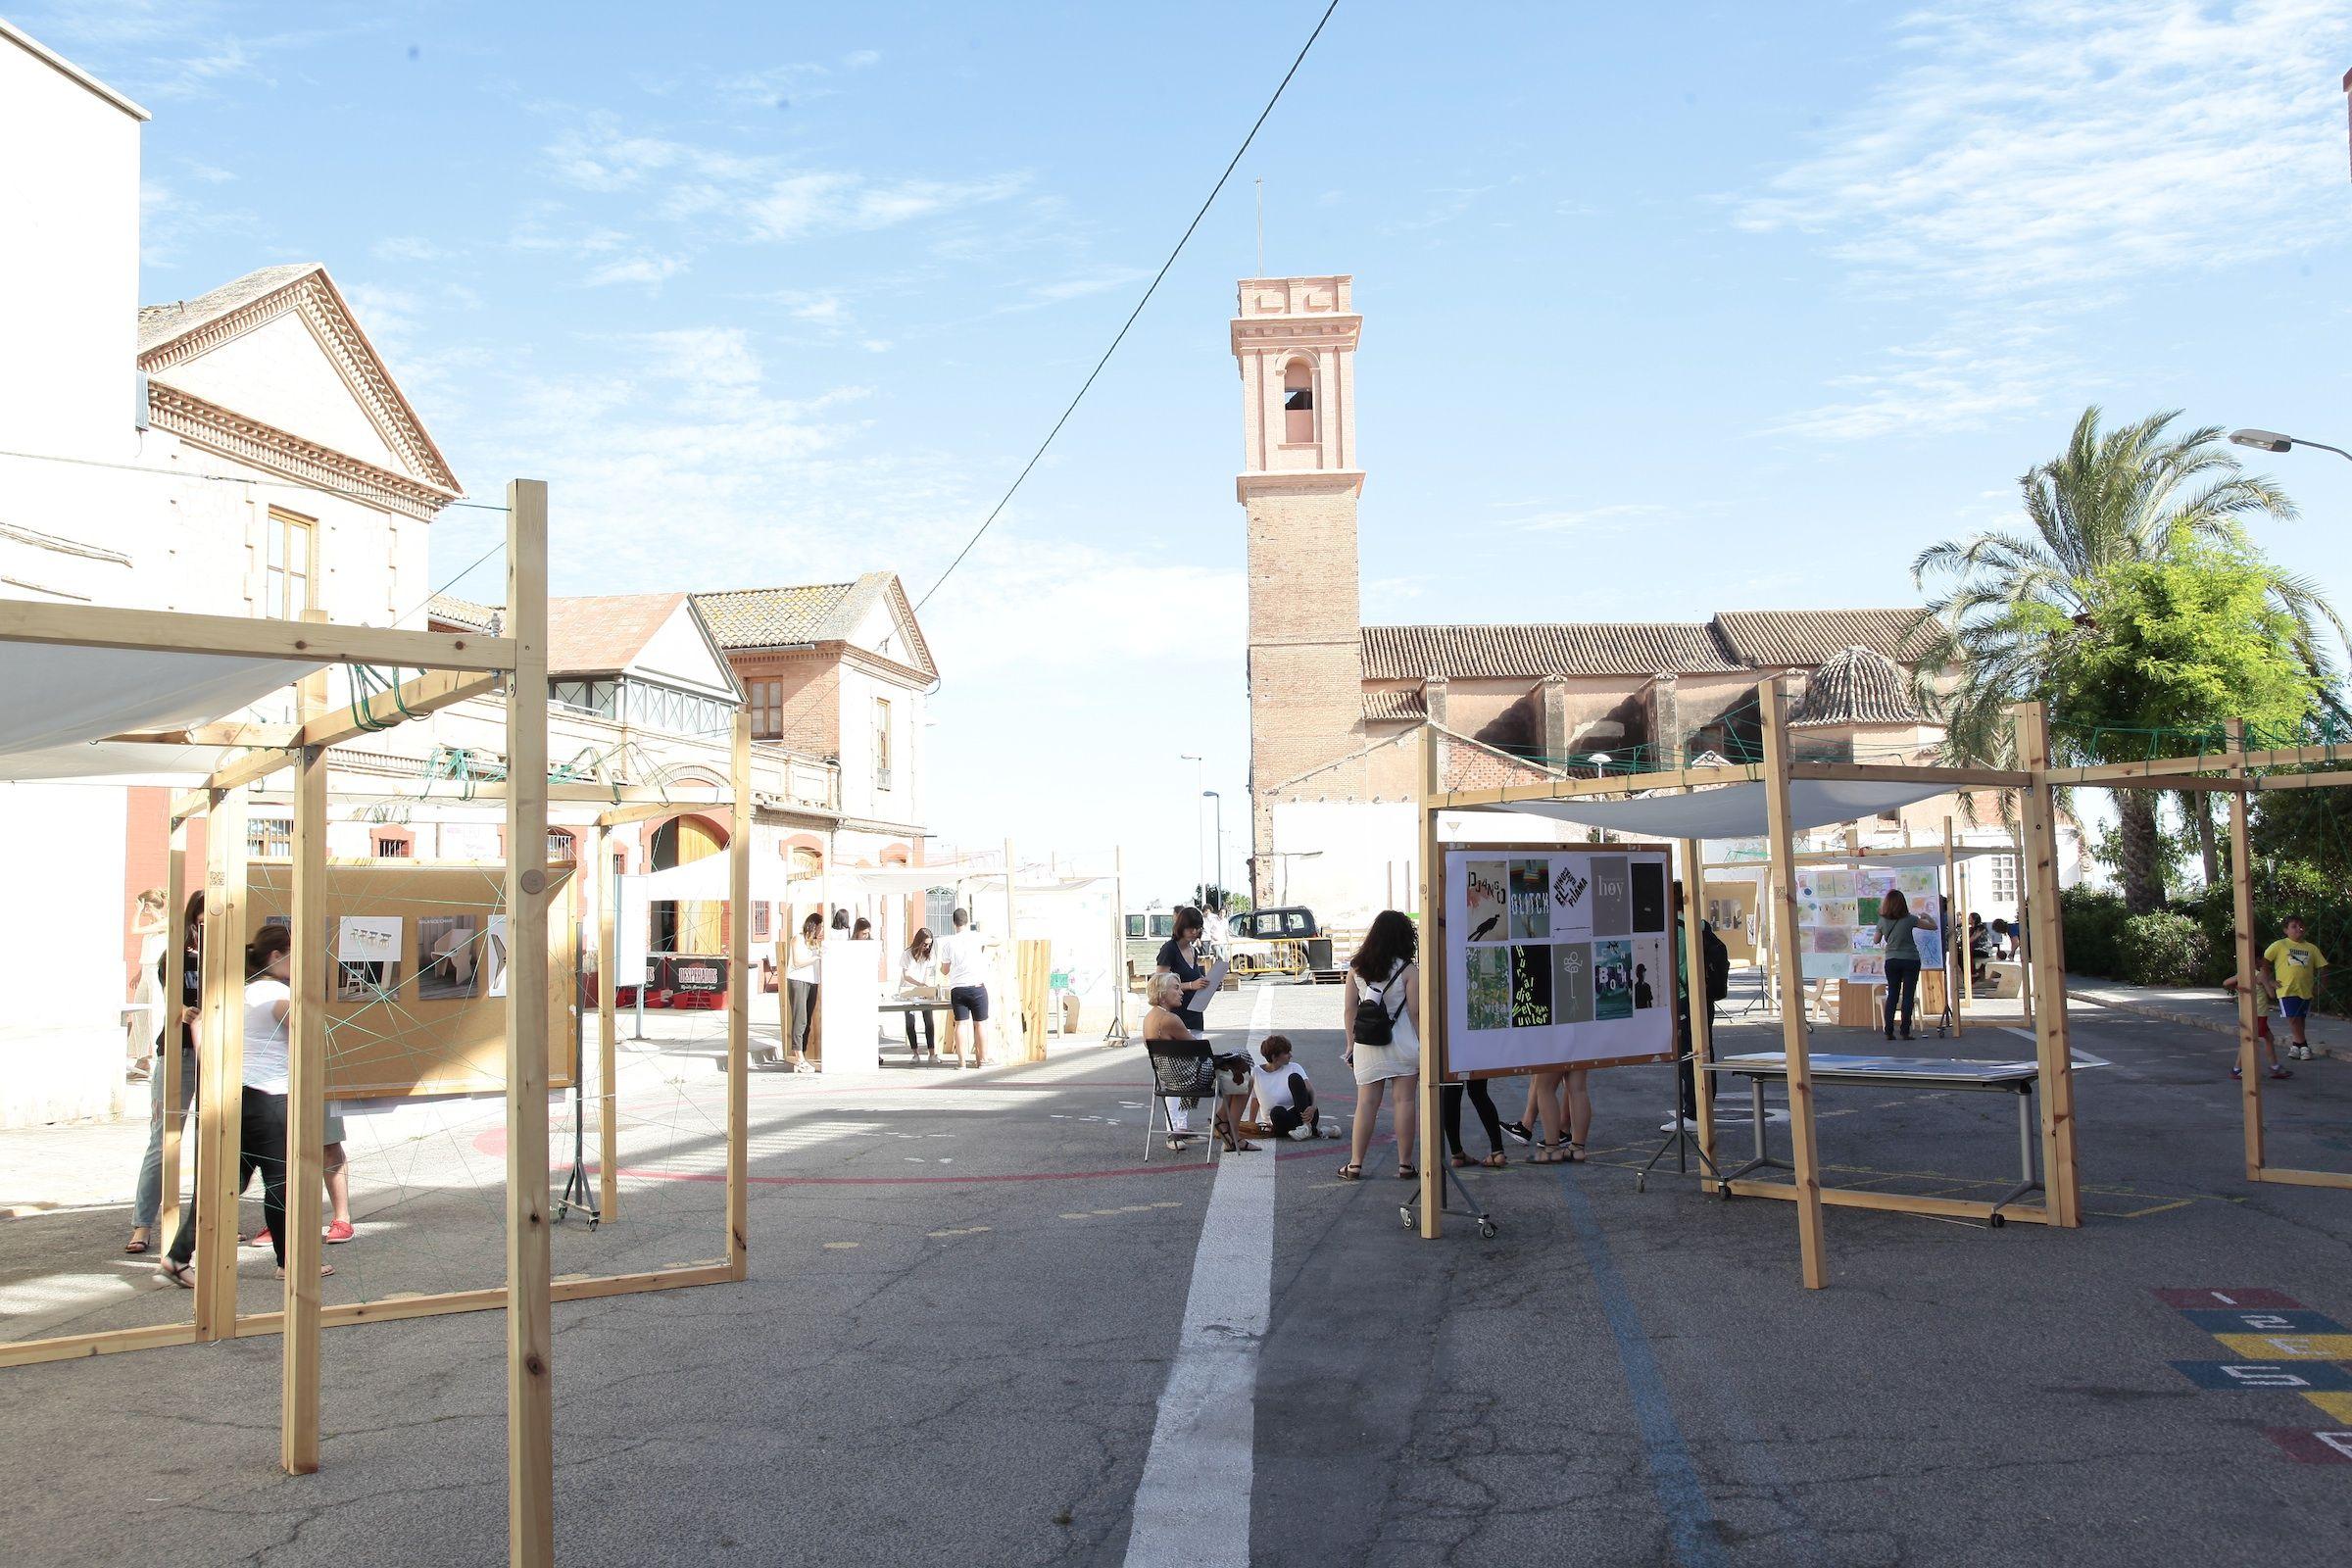 Exposición de los mejores trabajos de Diseño de la ESET, en la plaza SantBertomeu 47A78.